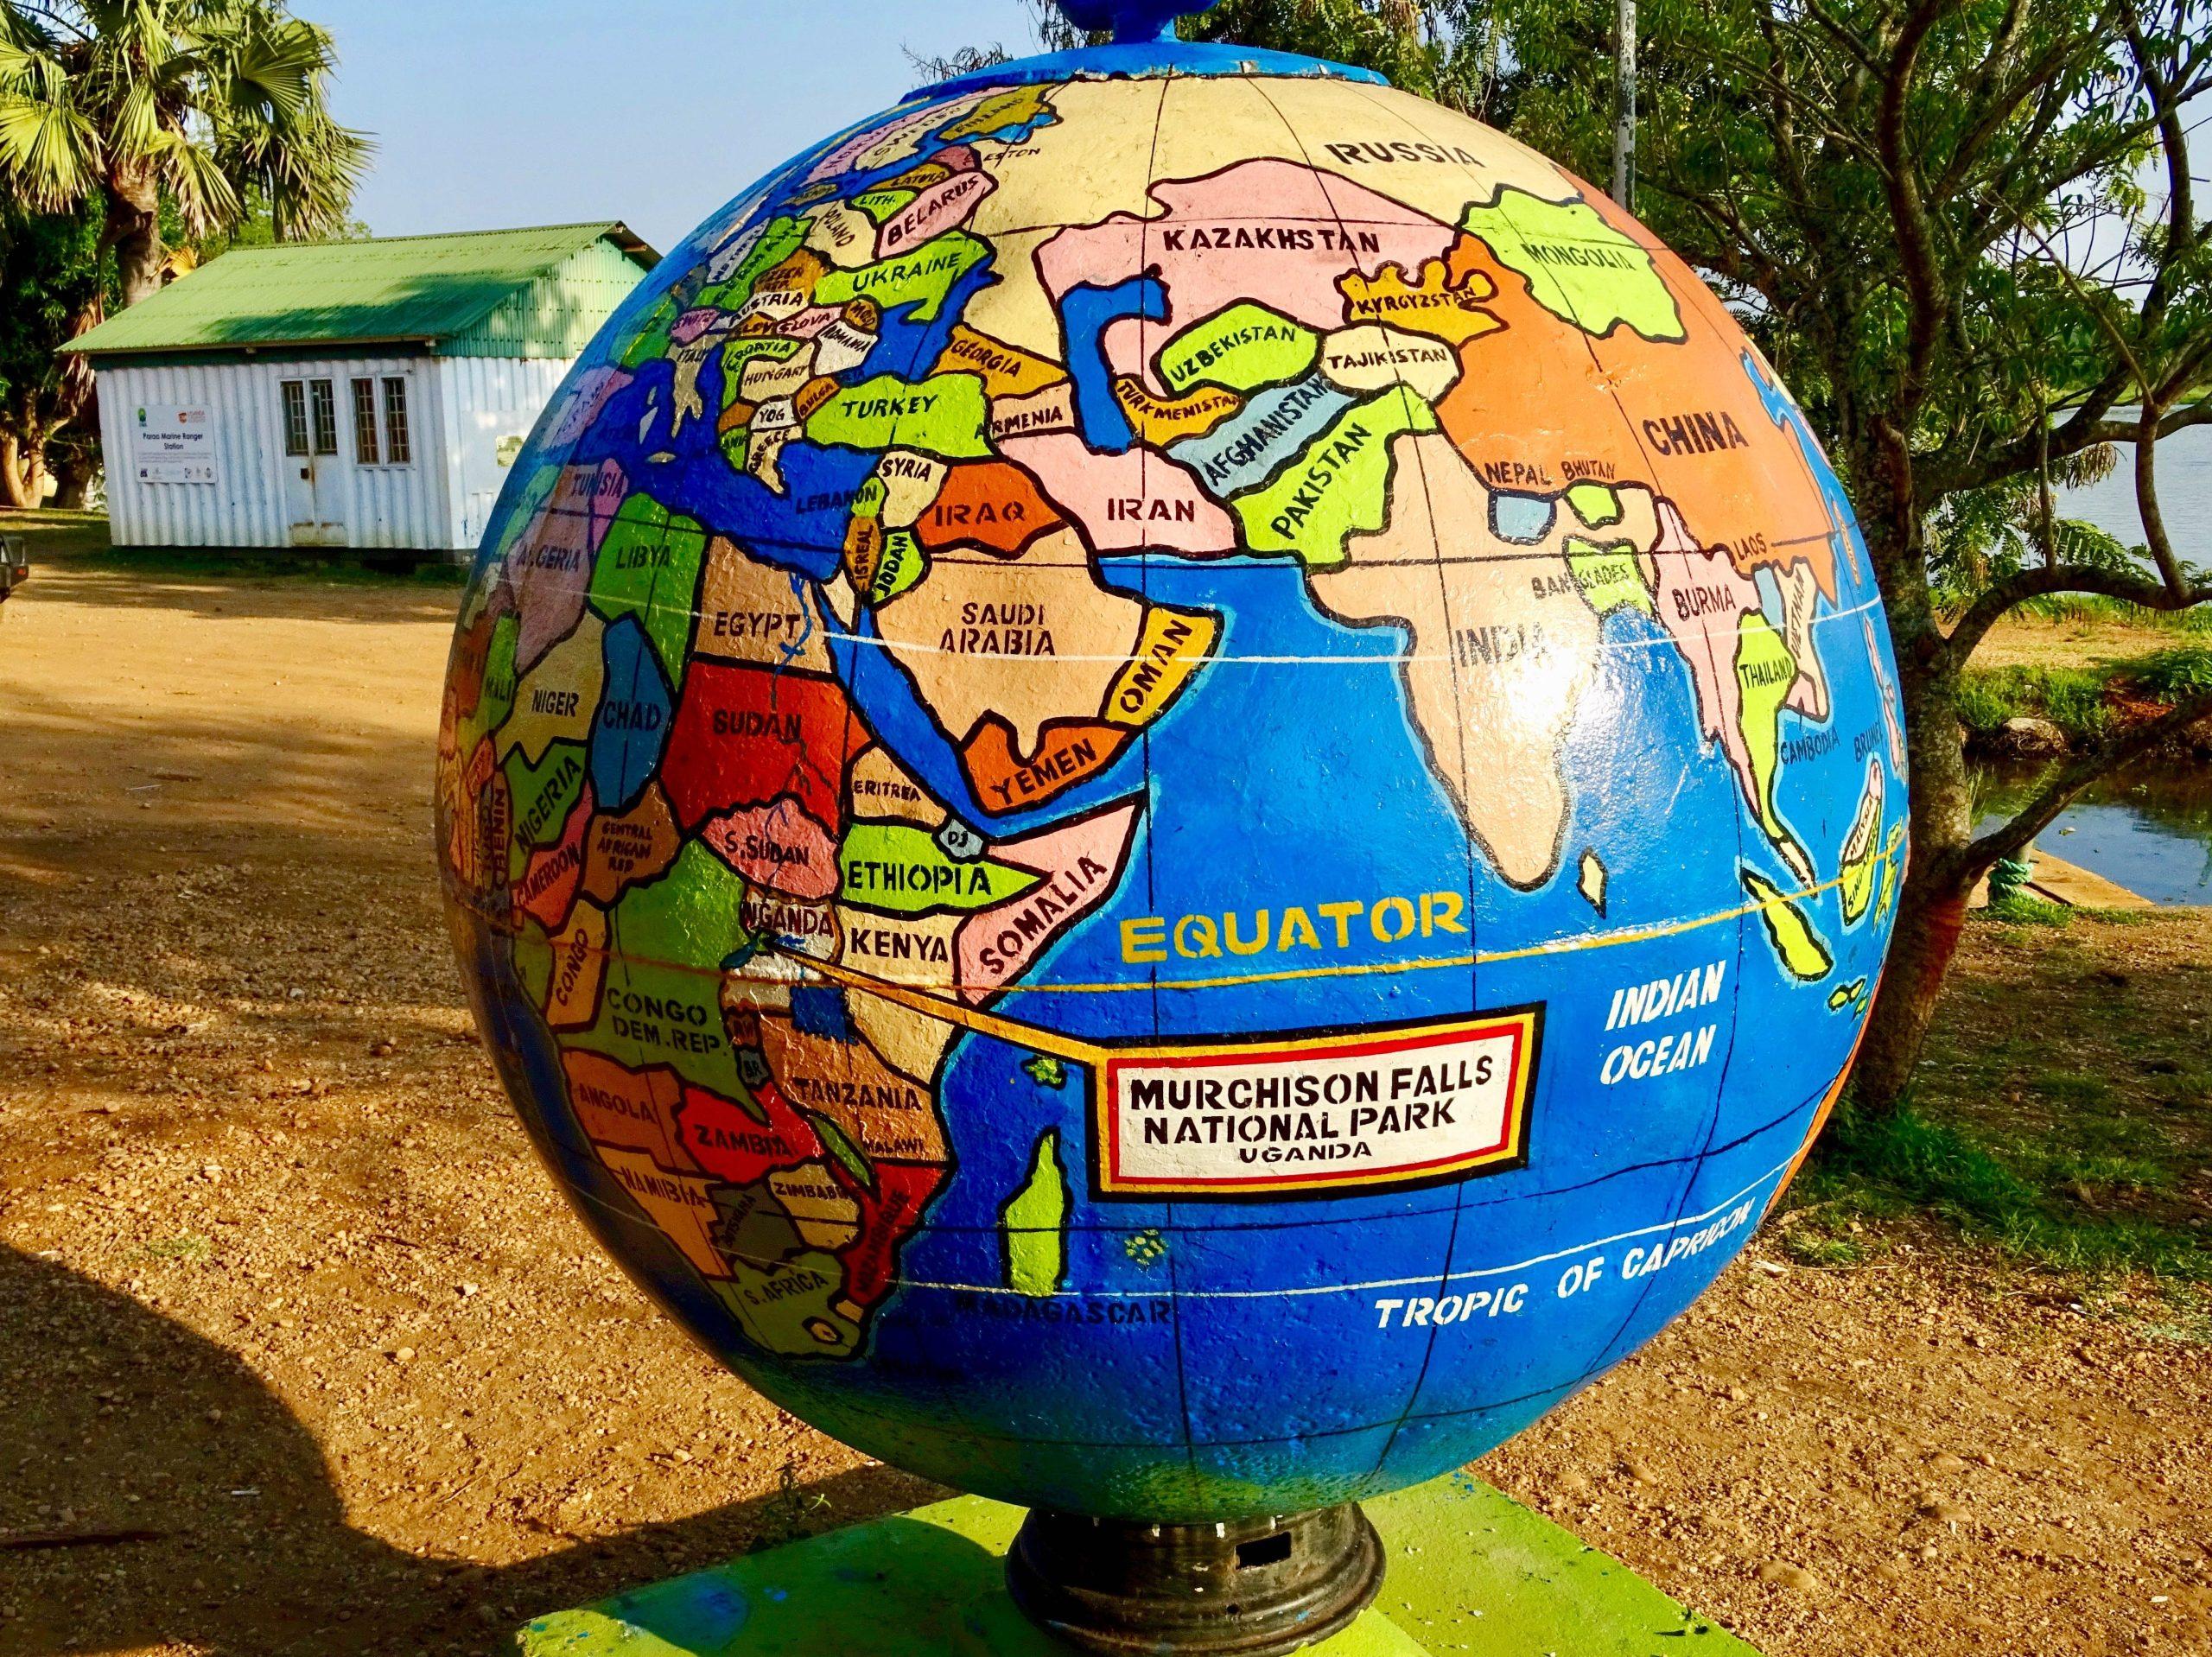 Wereldbol met locatie Murchison Falls National Park